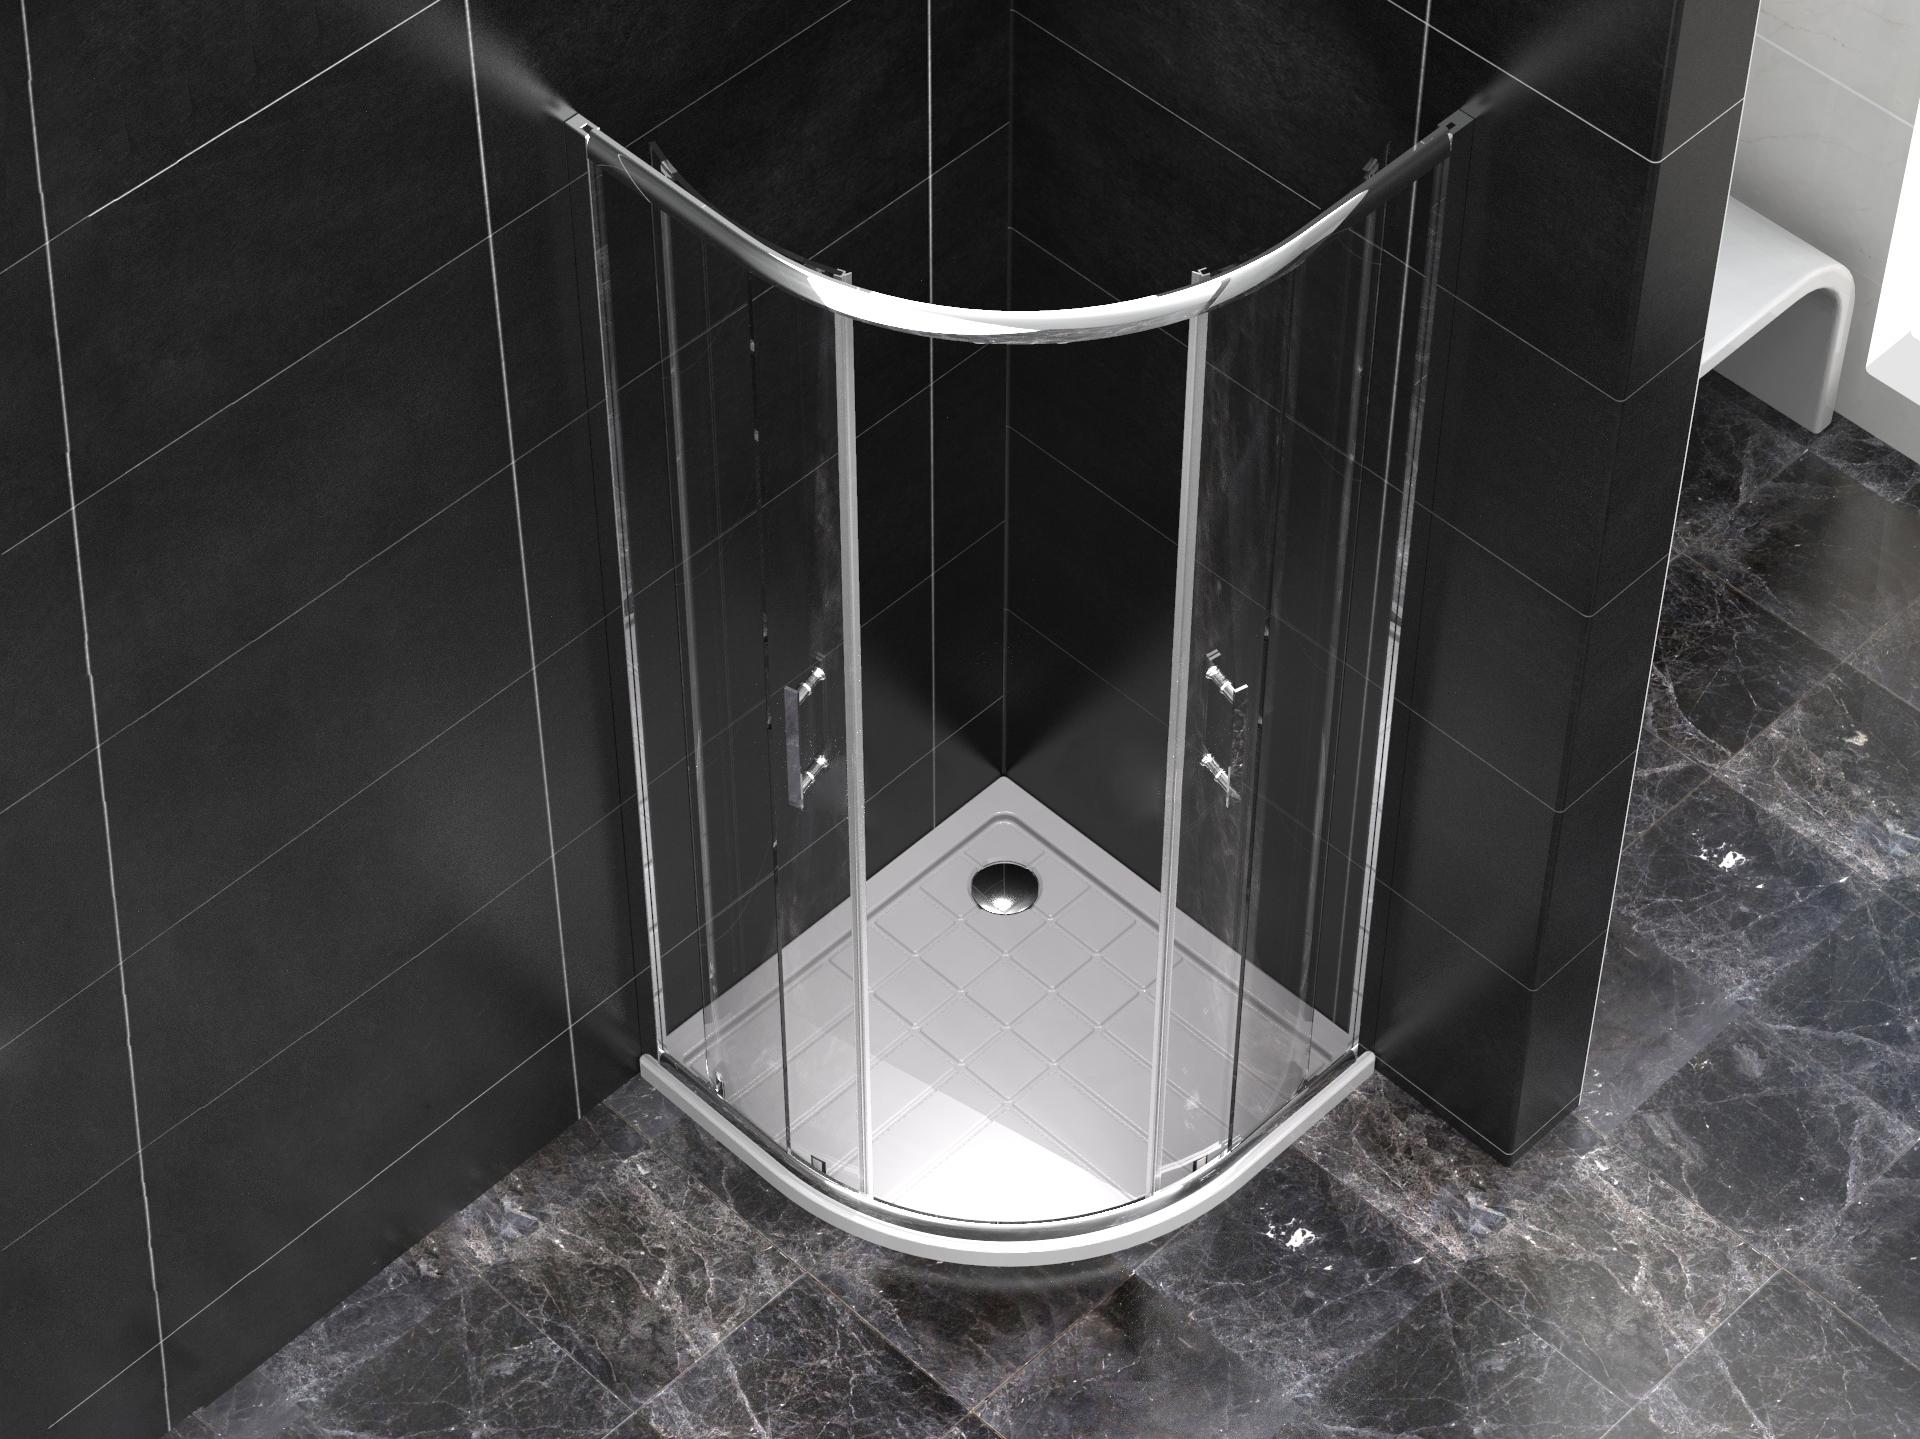 Full Size of Dusche 90x90 Duschkabine Classico Cm Ohne Duschtasse Online Kaufen Mischbatterie Einbauen Ebenerdig Glastrennwand Hüppe Ebenerdige Begehbare Tür Bodengleiche Dusche Dusche 90x90